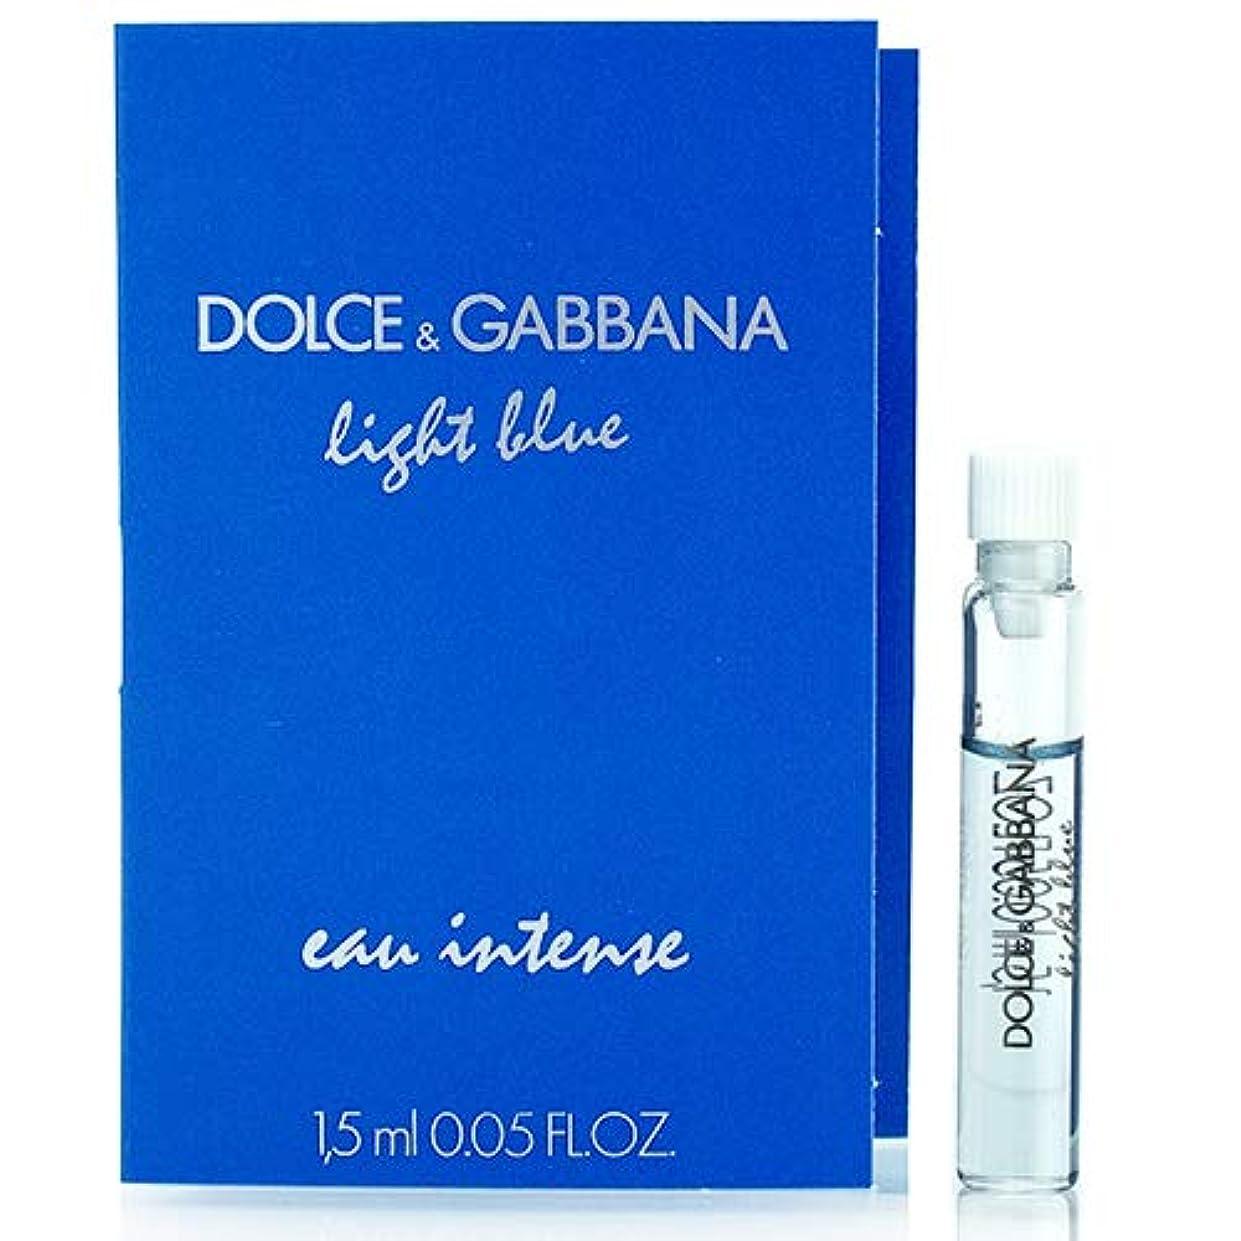 保険吸う洗練ドルチェ&ガッバーナ D&G ライトブルー オーインテンス オードパルファム EDP スプレー 1.5ml ミニ香水 サンプル 香水 DOLCE GABBANA [並行輸入品]